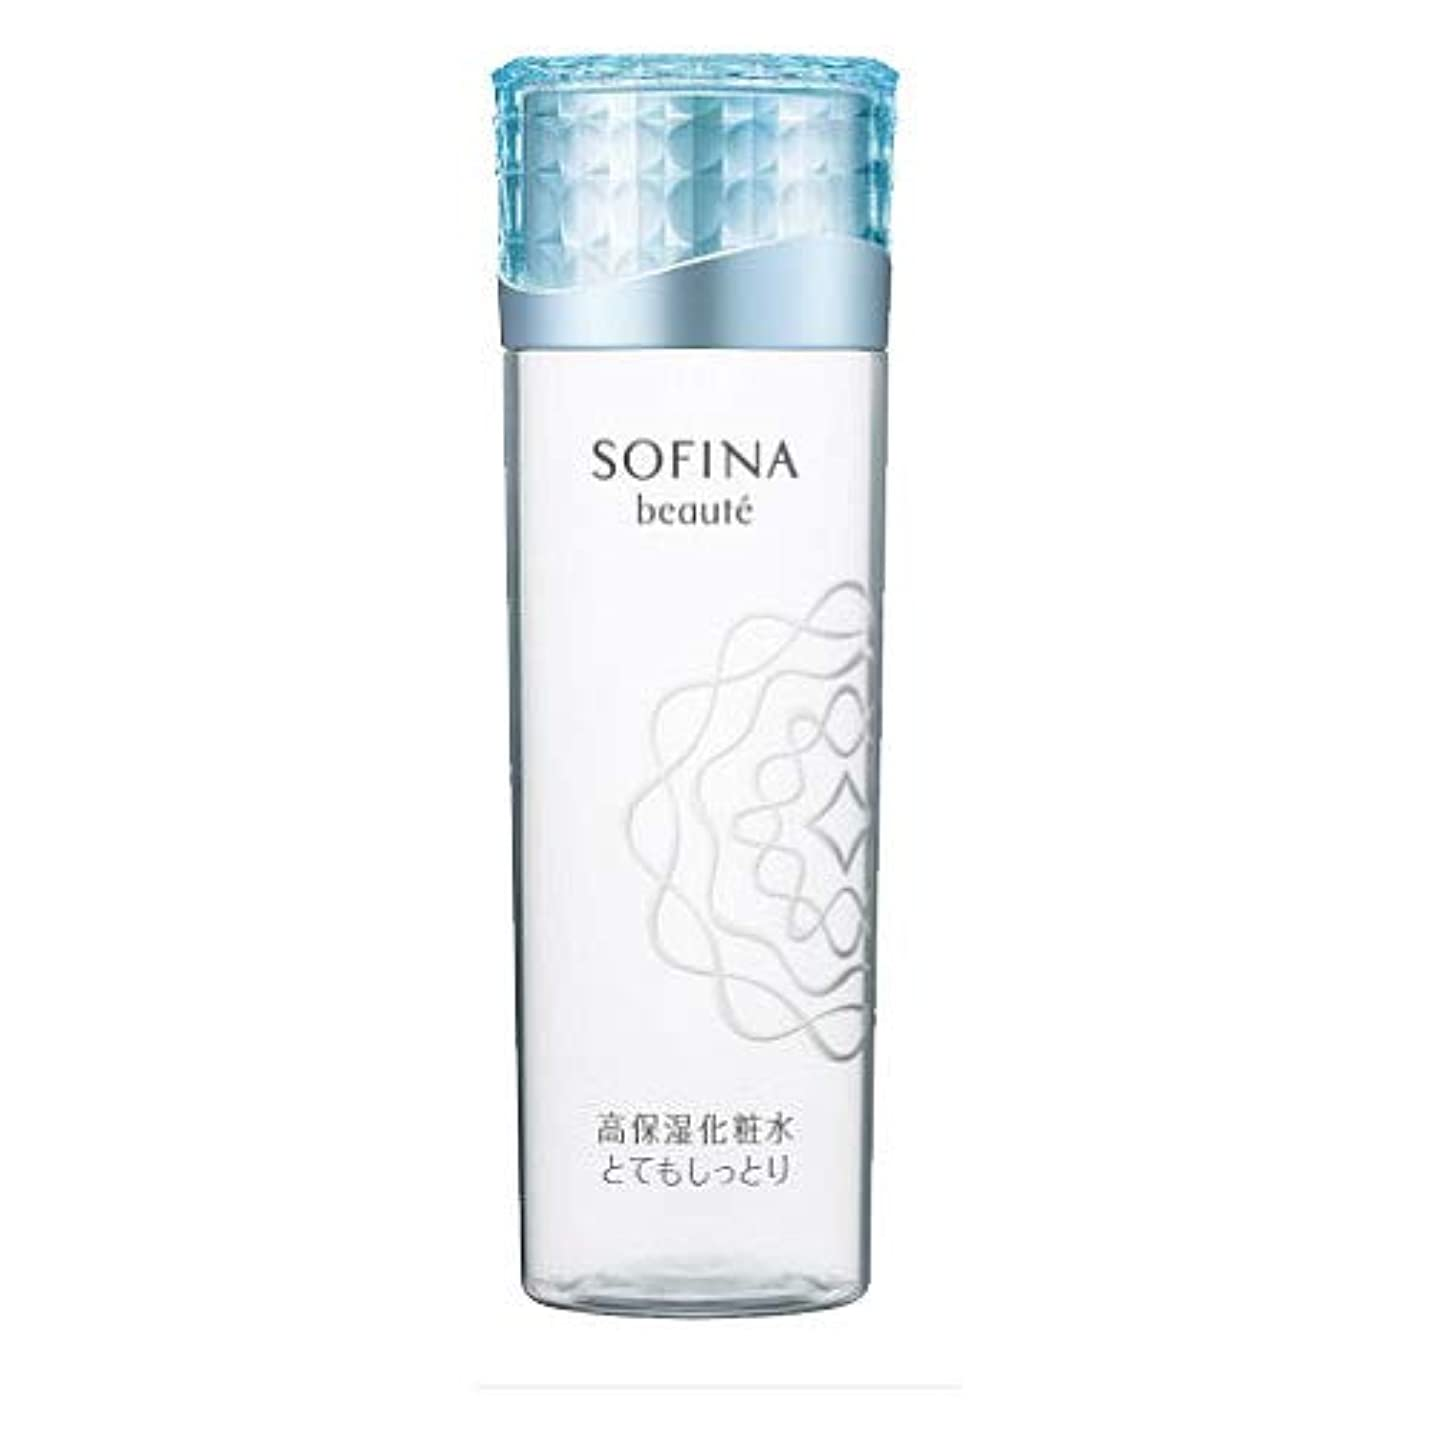 中級タヒチ硫黄花王 ソフィーナ ボーテ 高保湿化粧水 とてもしっとり 140ml [並行輸入品]